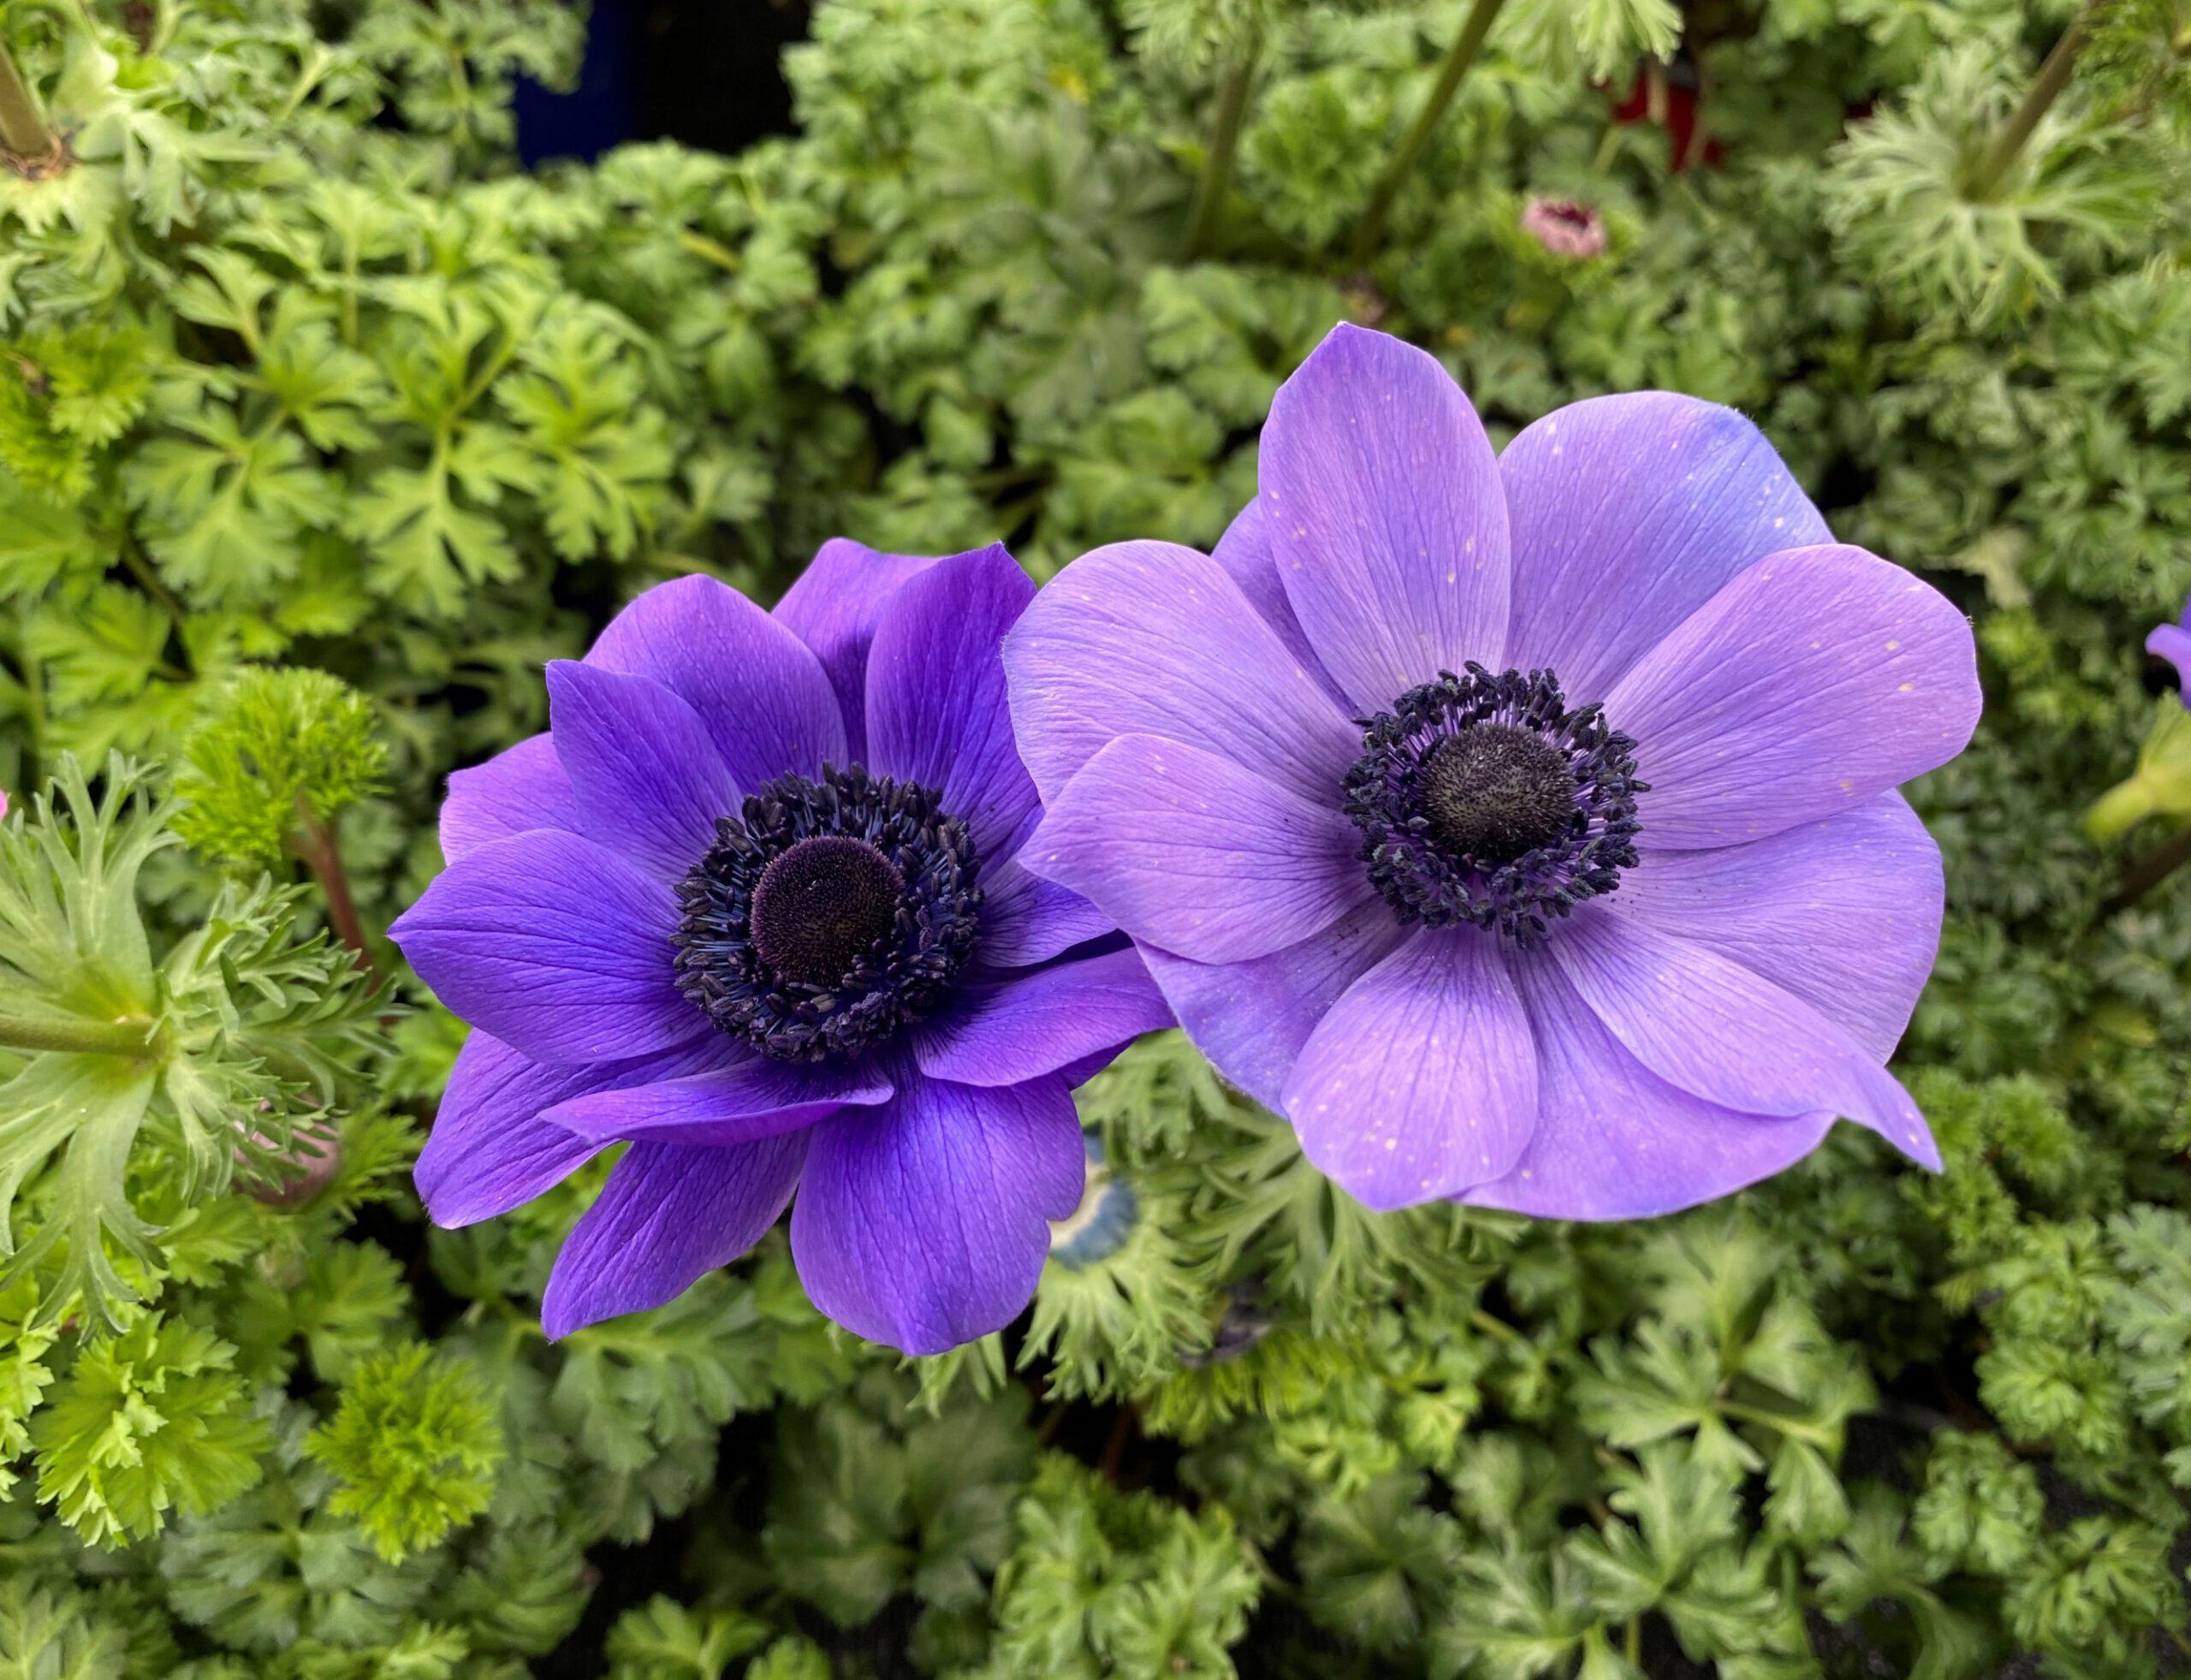 Kronen-Anemone - Blüte violett